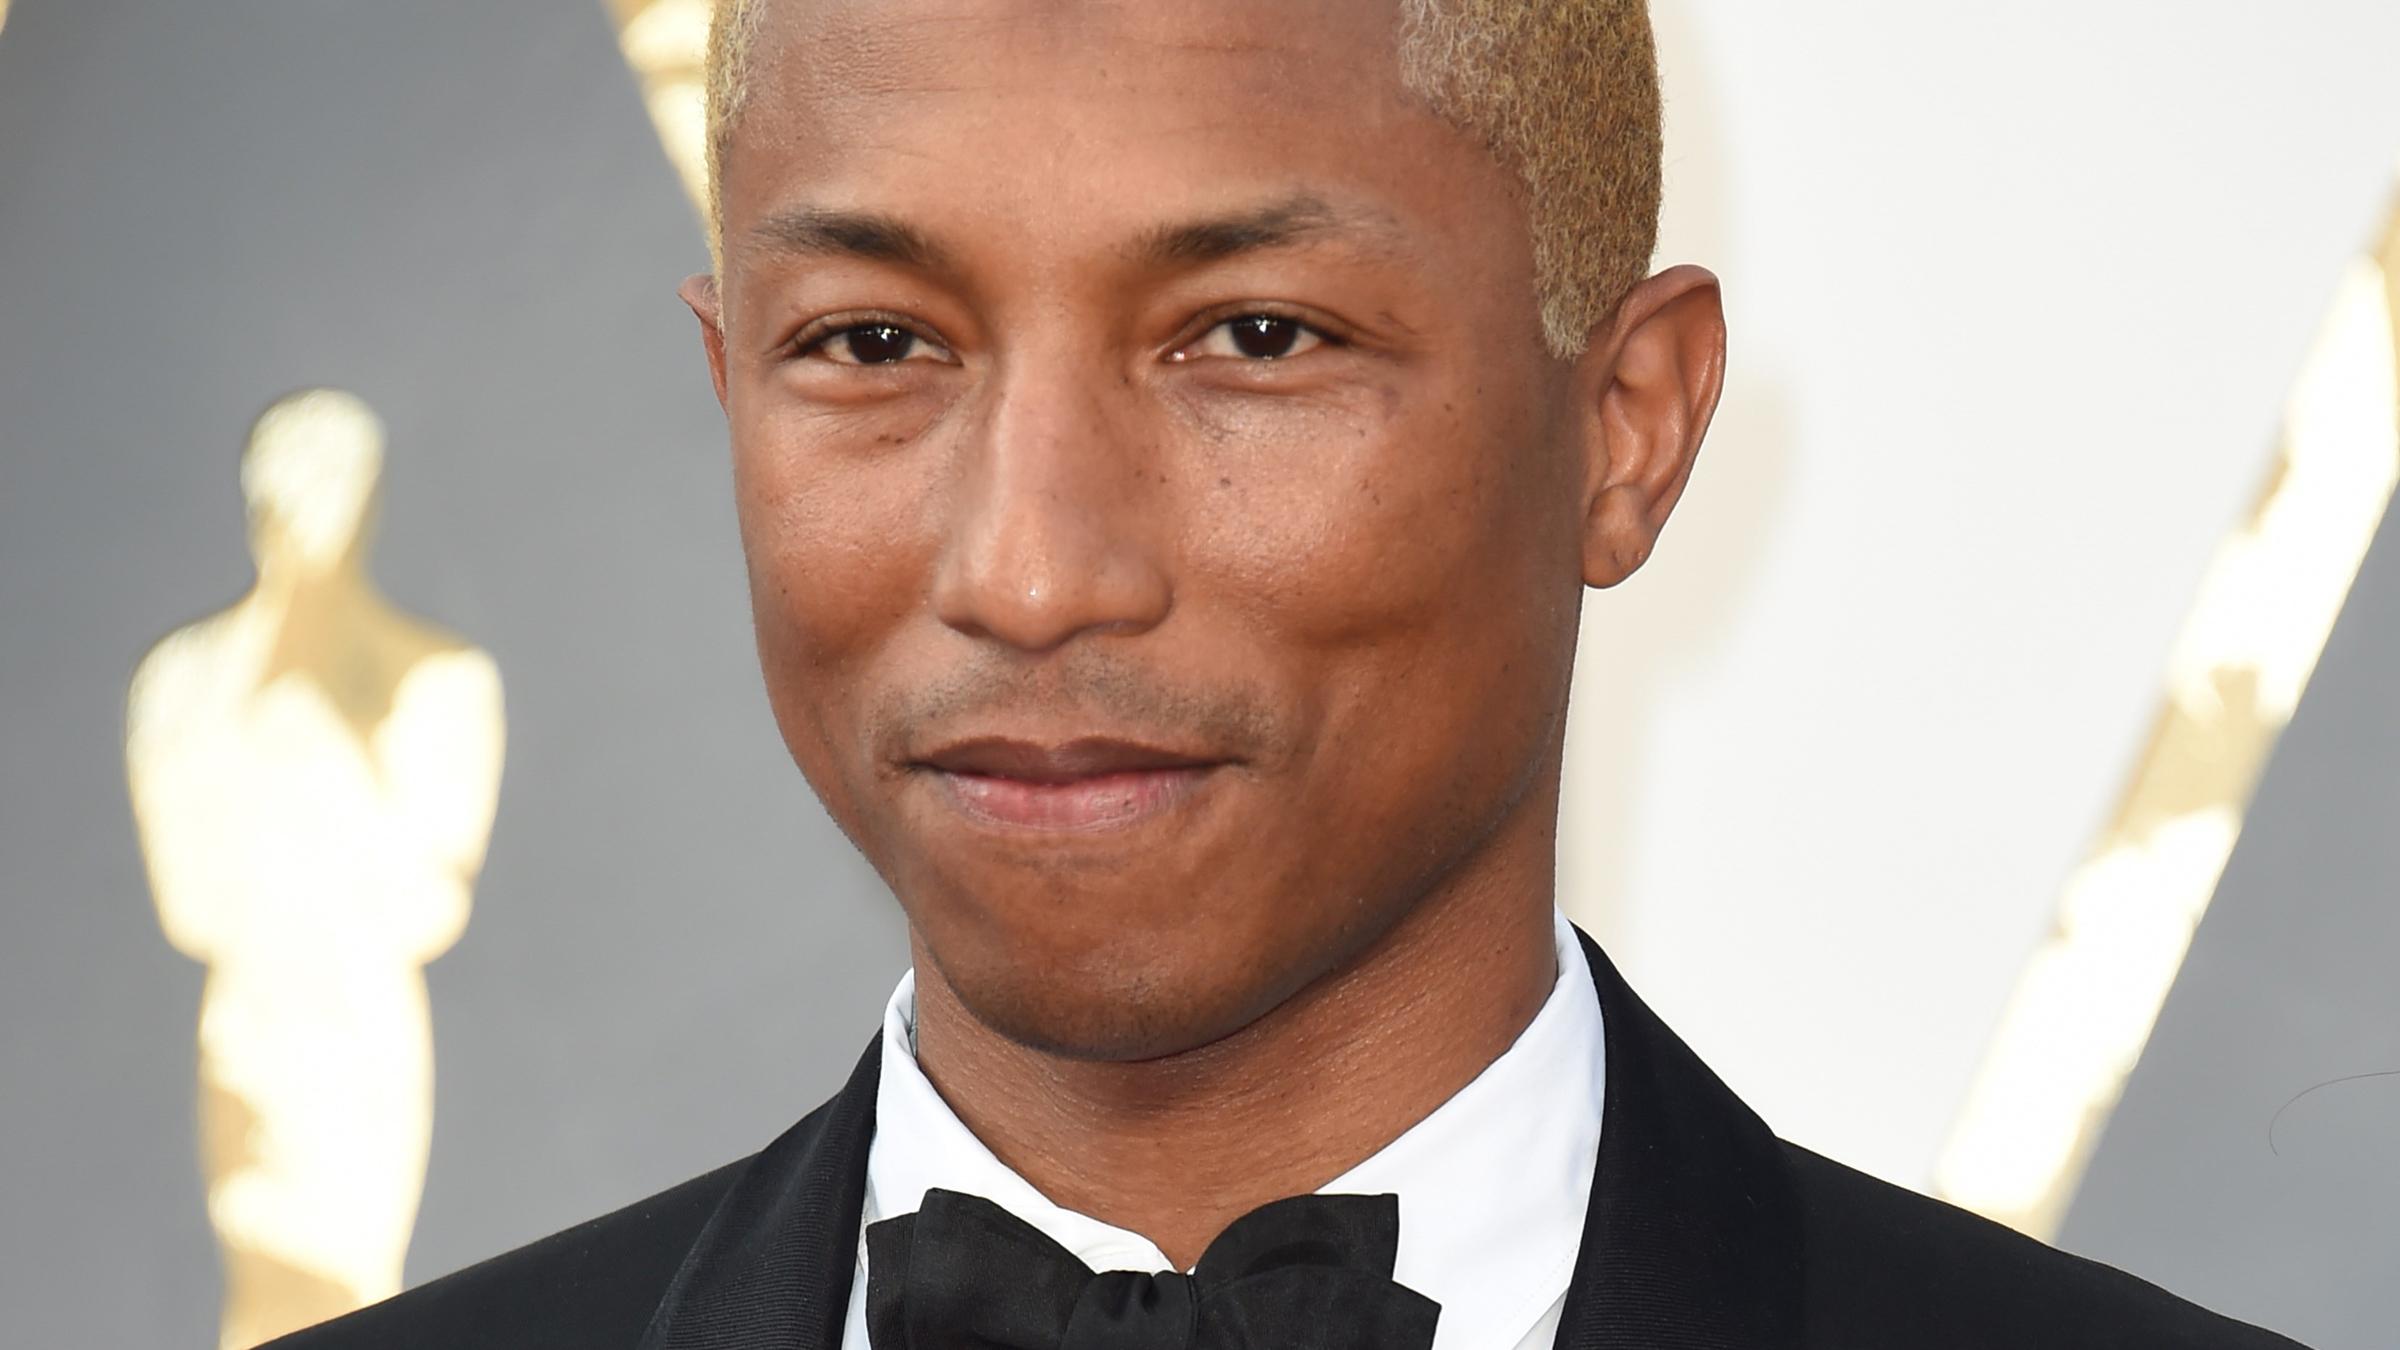 Pharrellheader